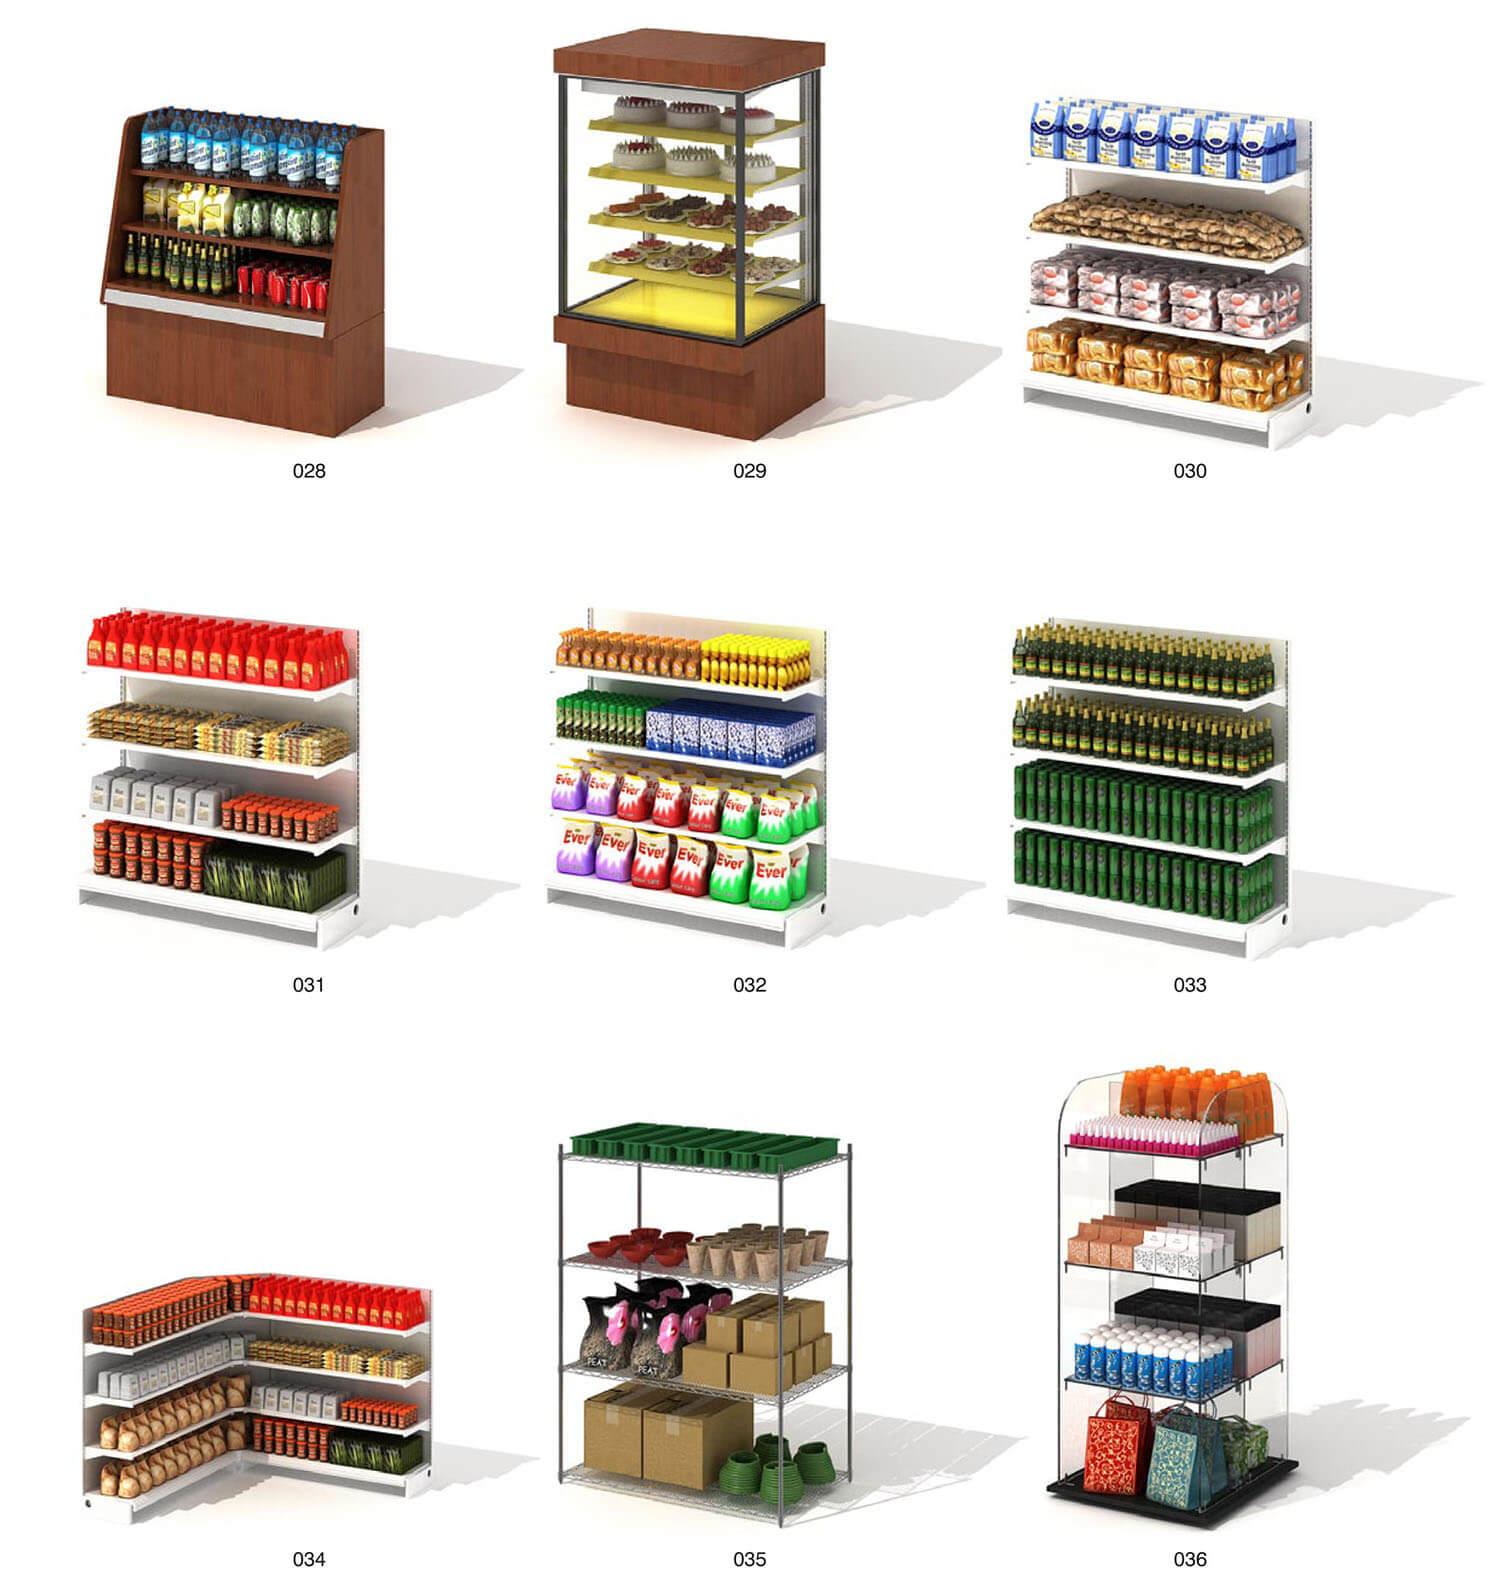 mẫu kệ siêu thị trưng bày hàng